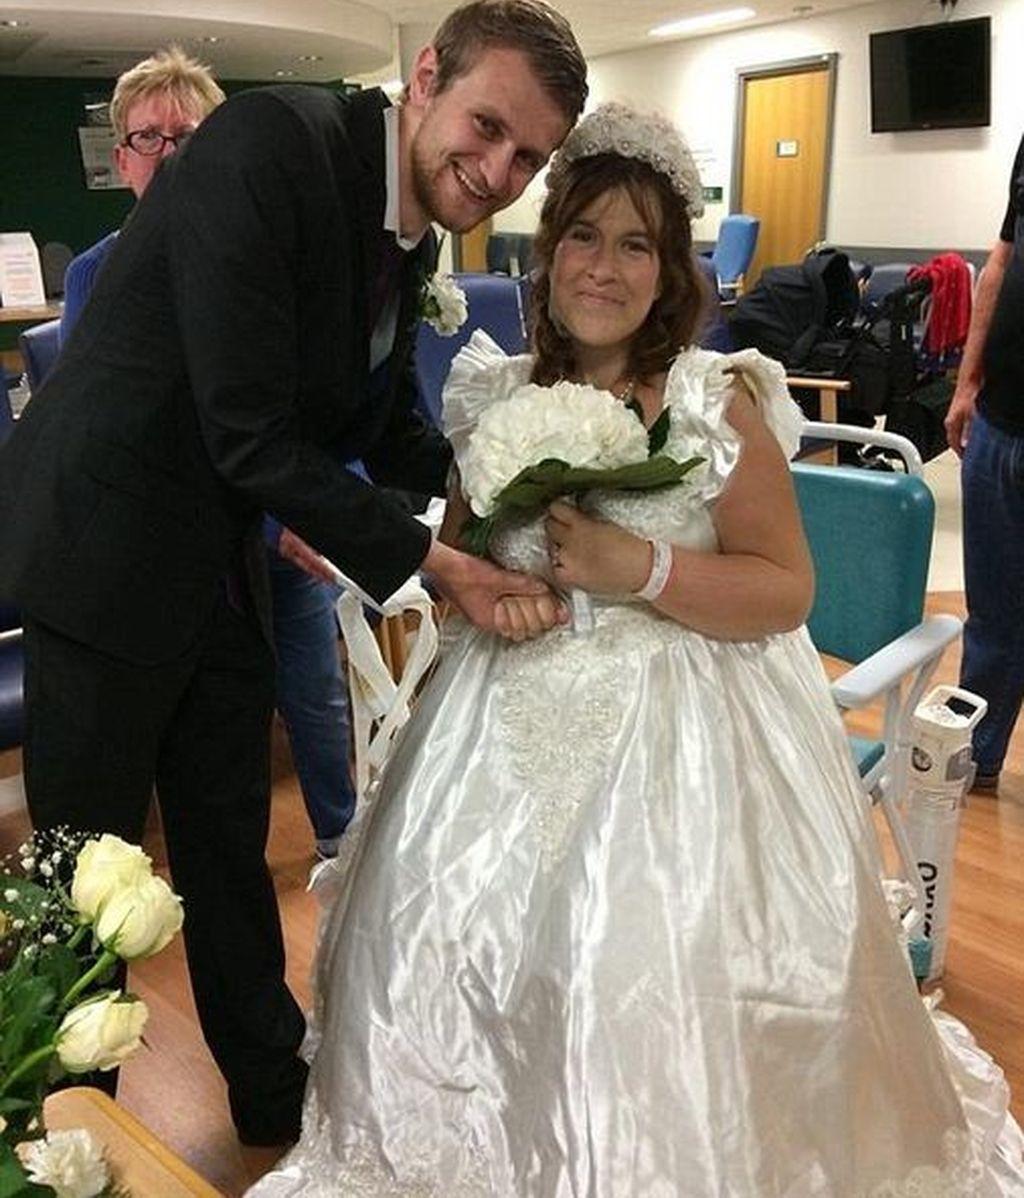 Se casó en la sala de espera del hospital al saber que tenía solo 48 horas de vida